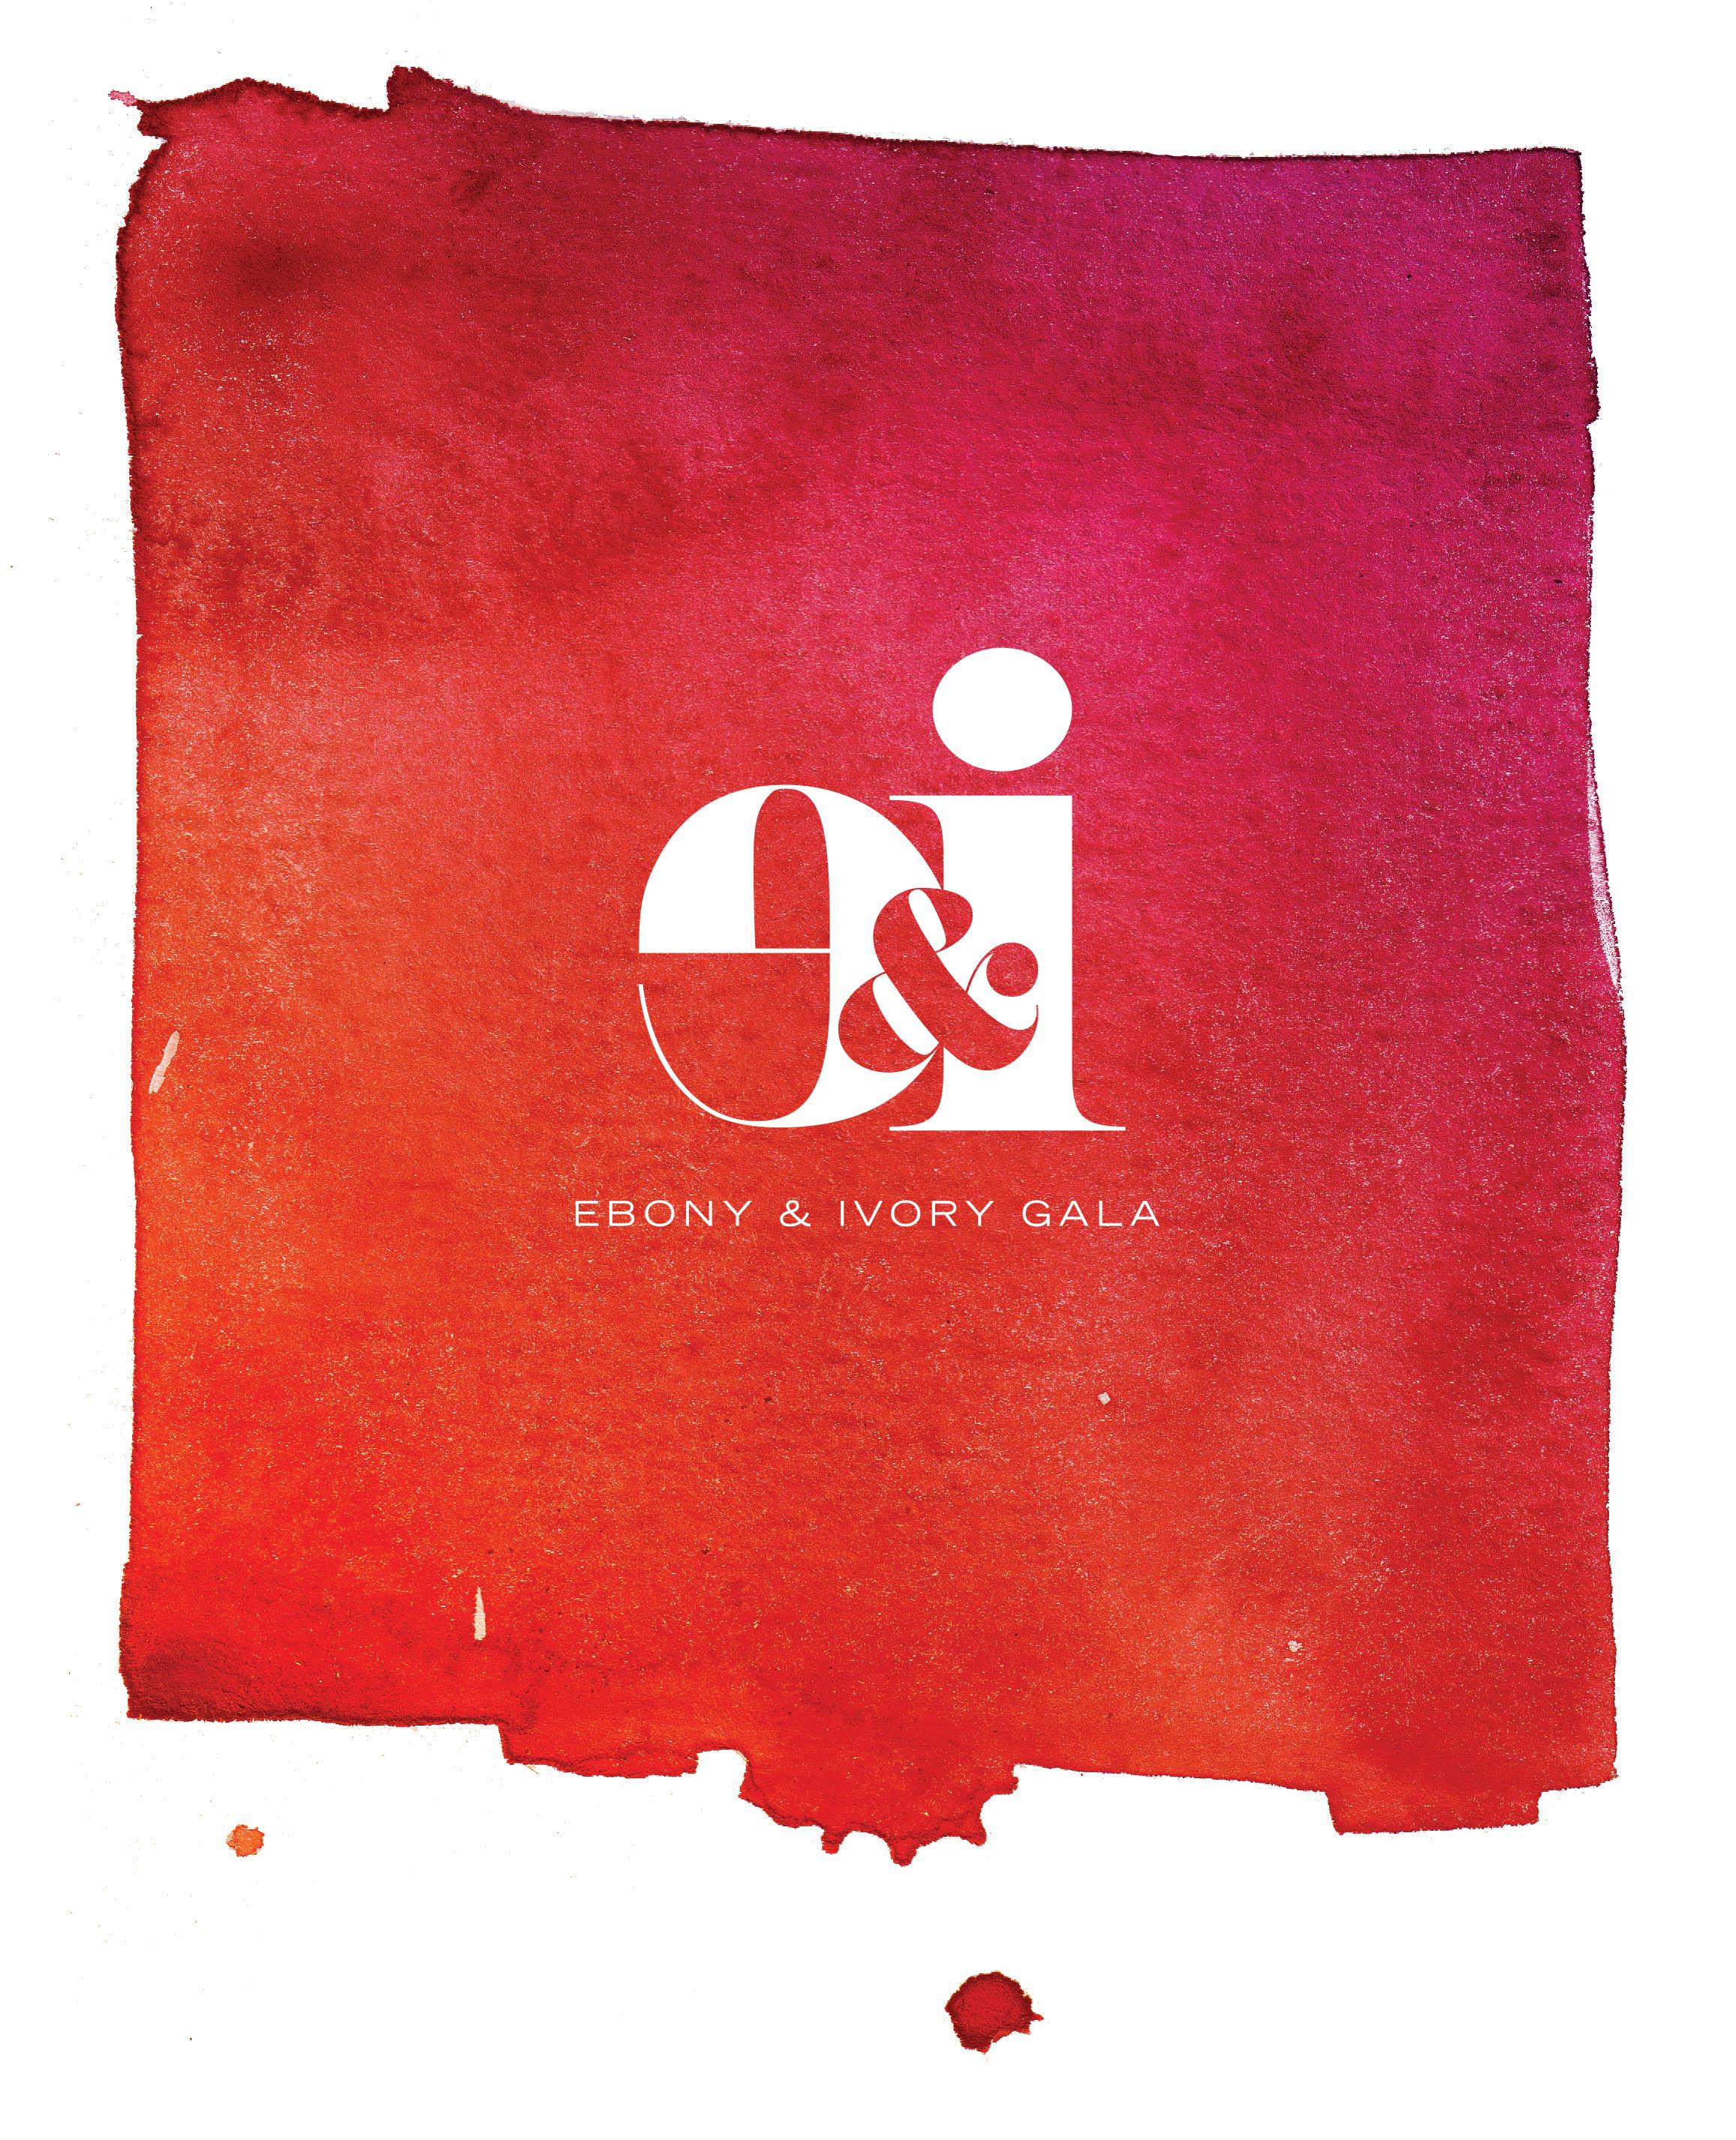 Ebony & Ivory Gala Logo